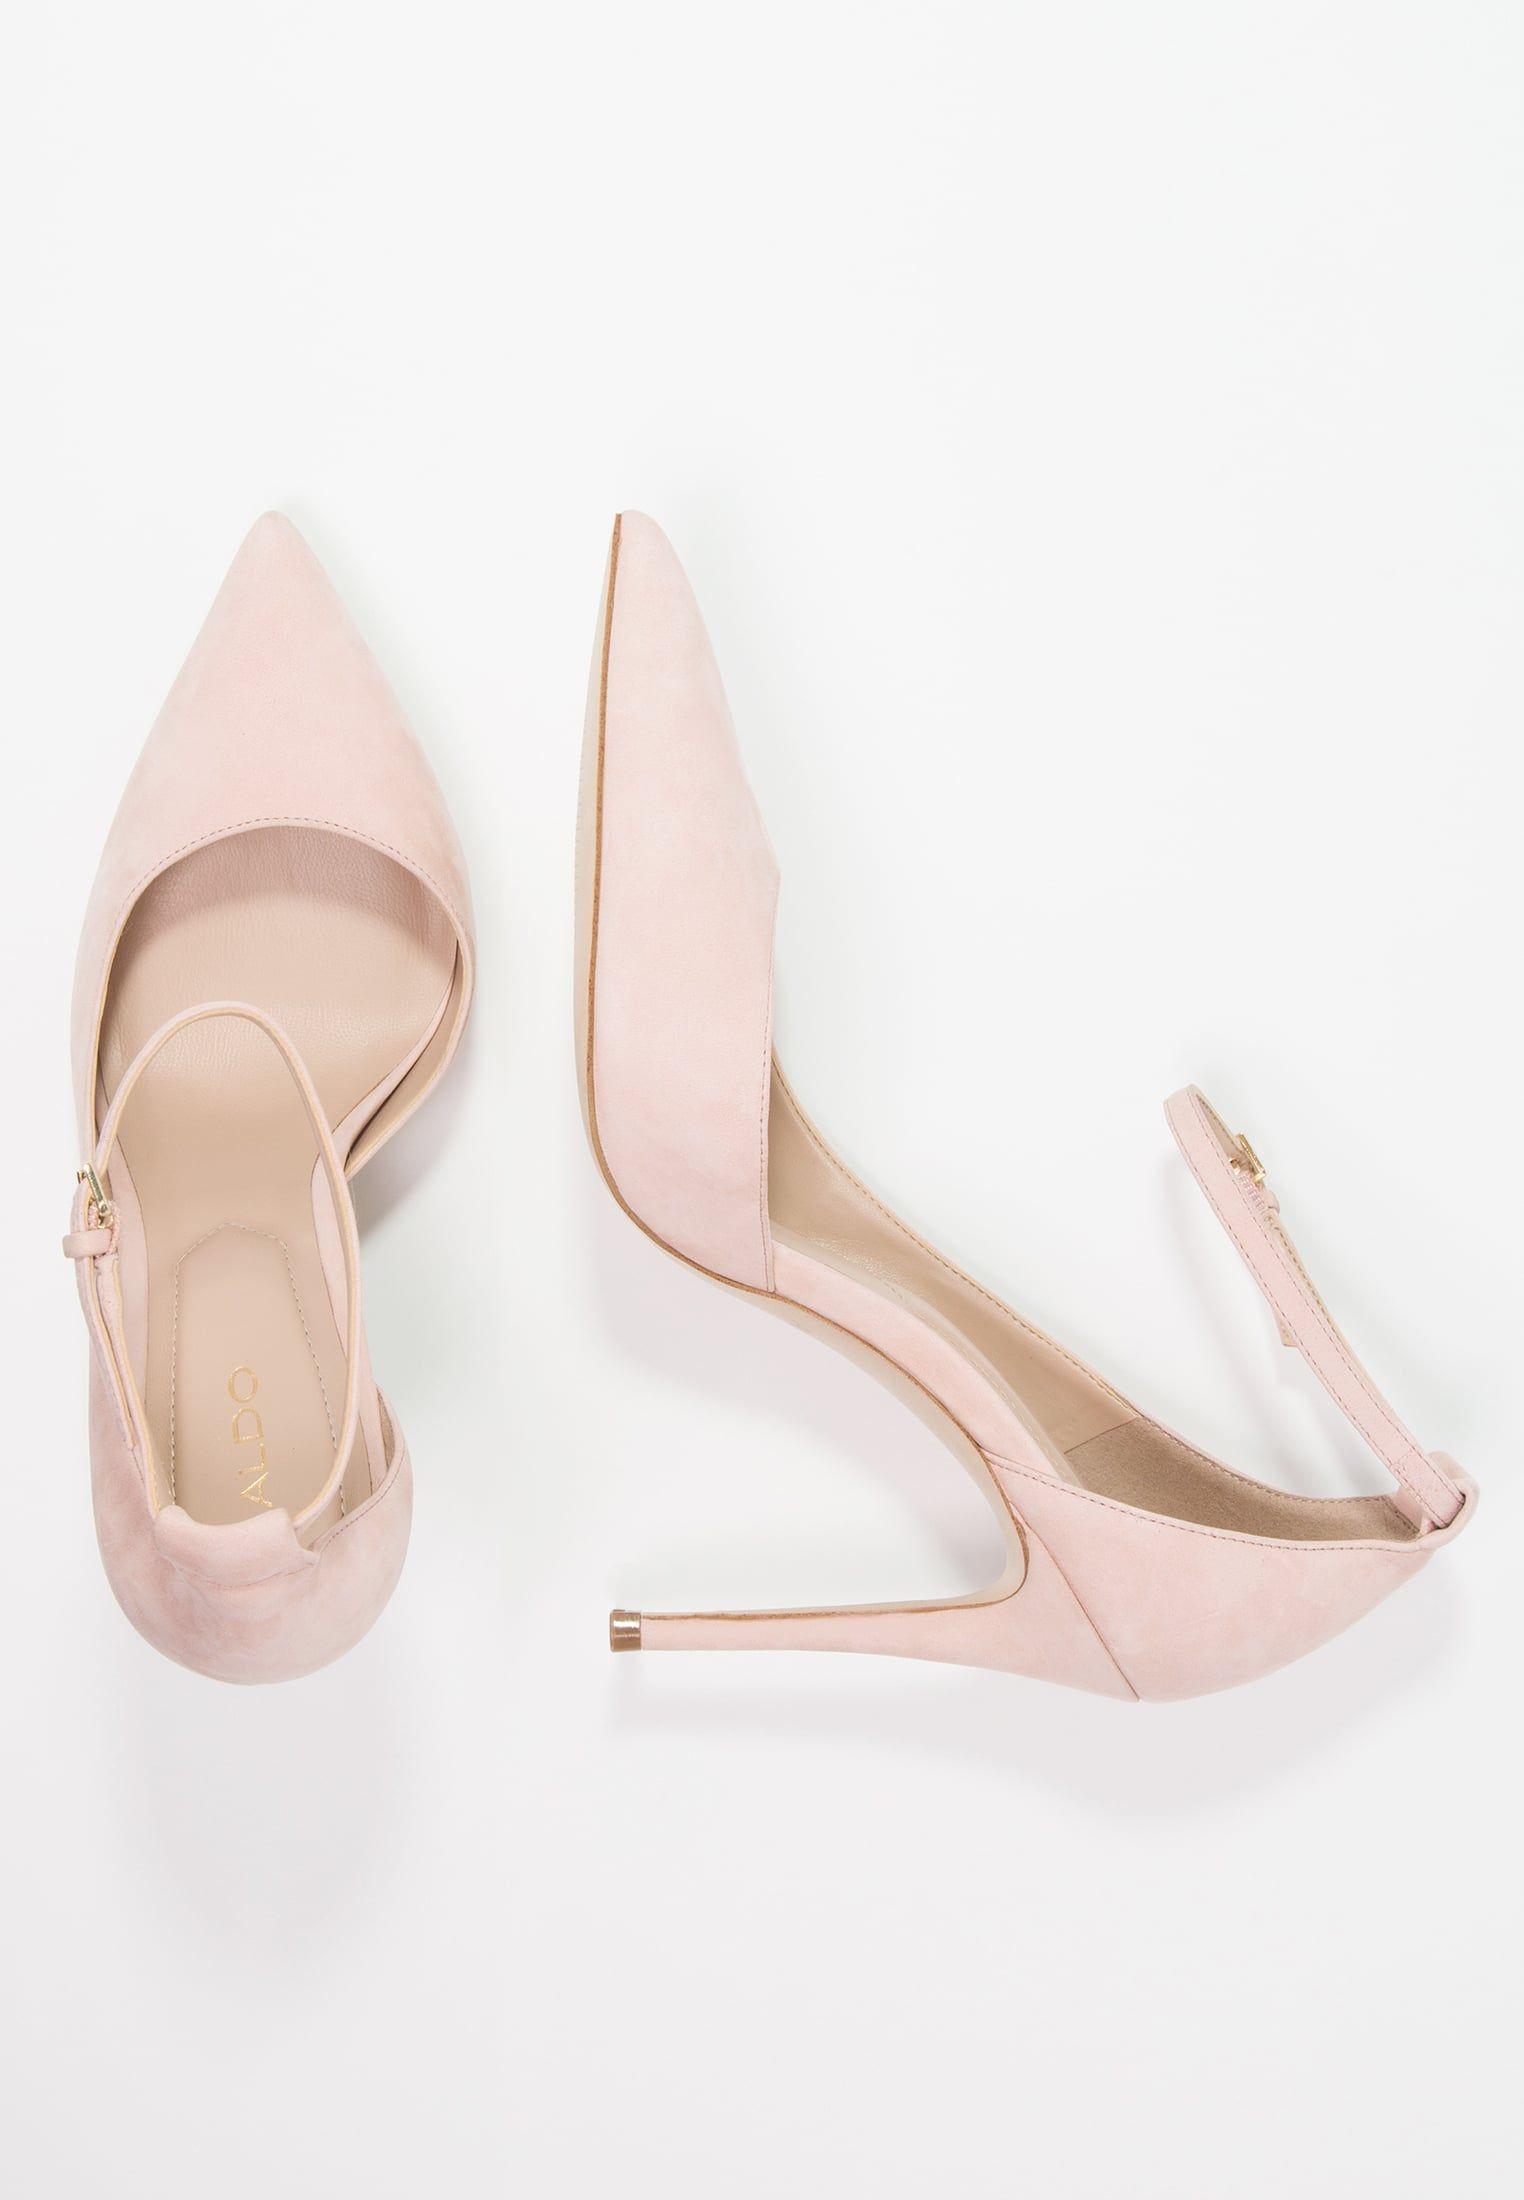 e0de4e12939c ALDO STAYCEY - Classic heels - light pink - Zalando.co.uk